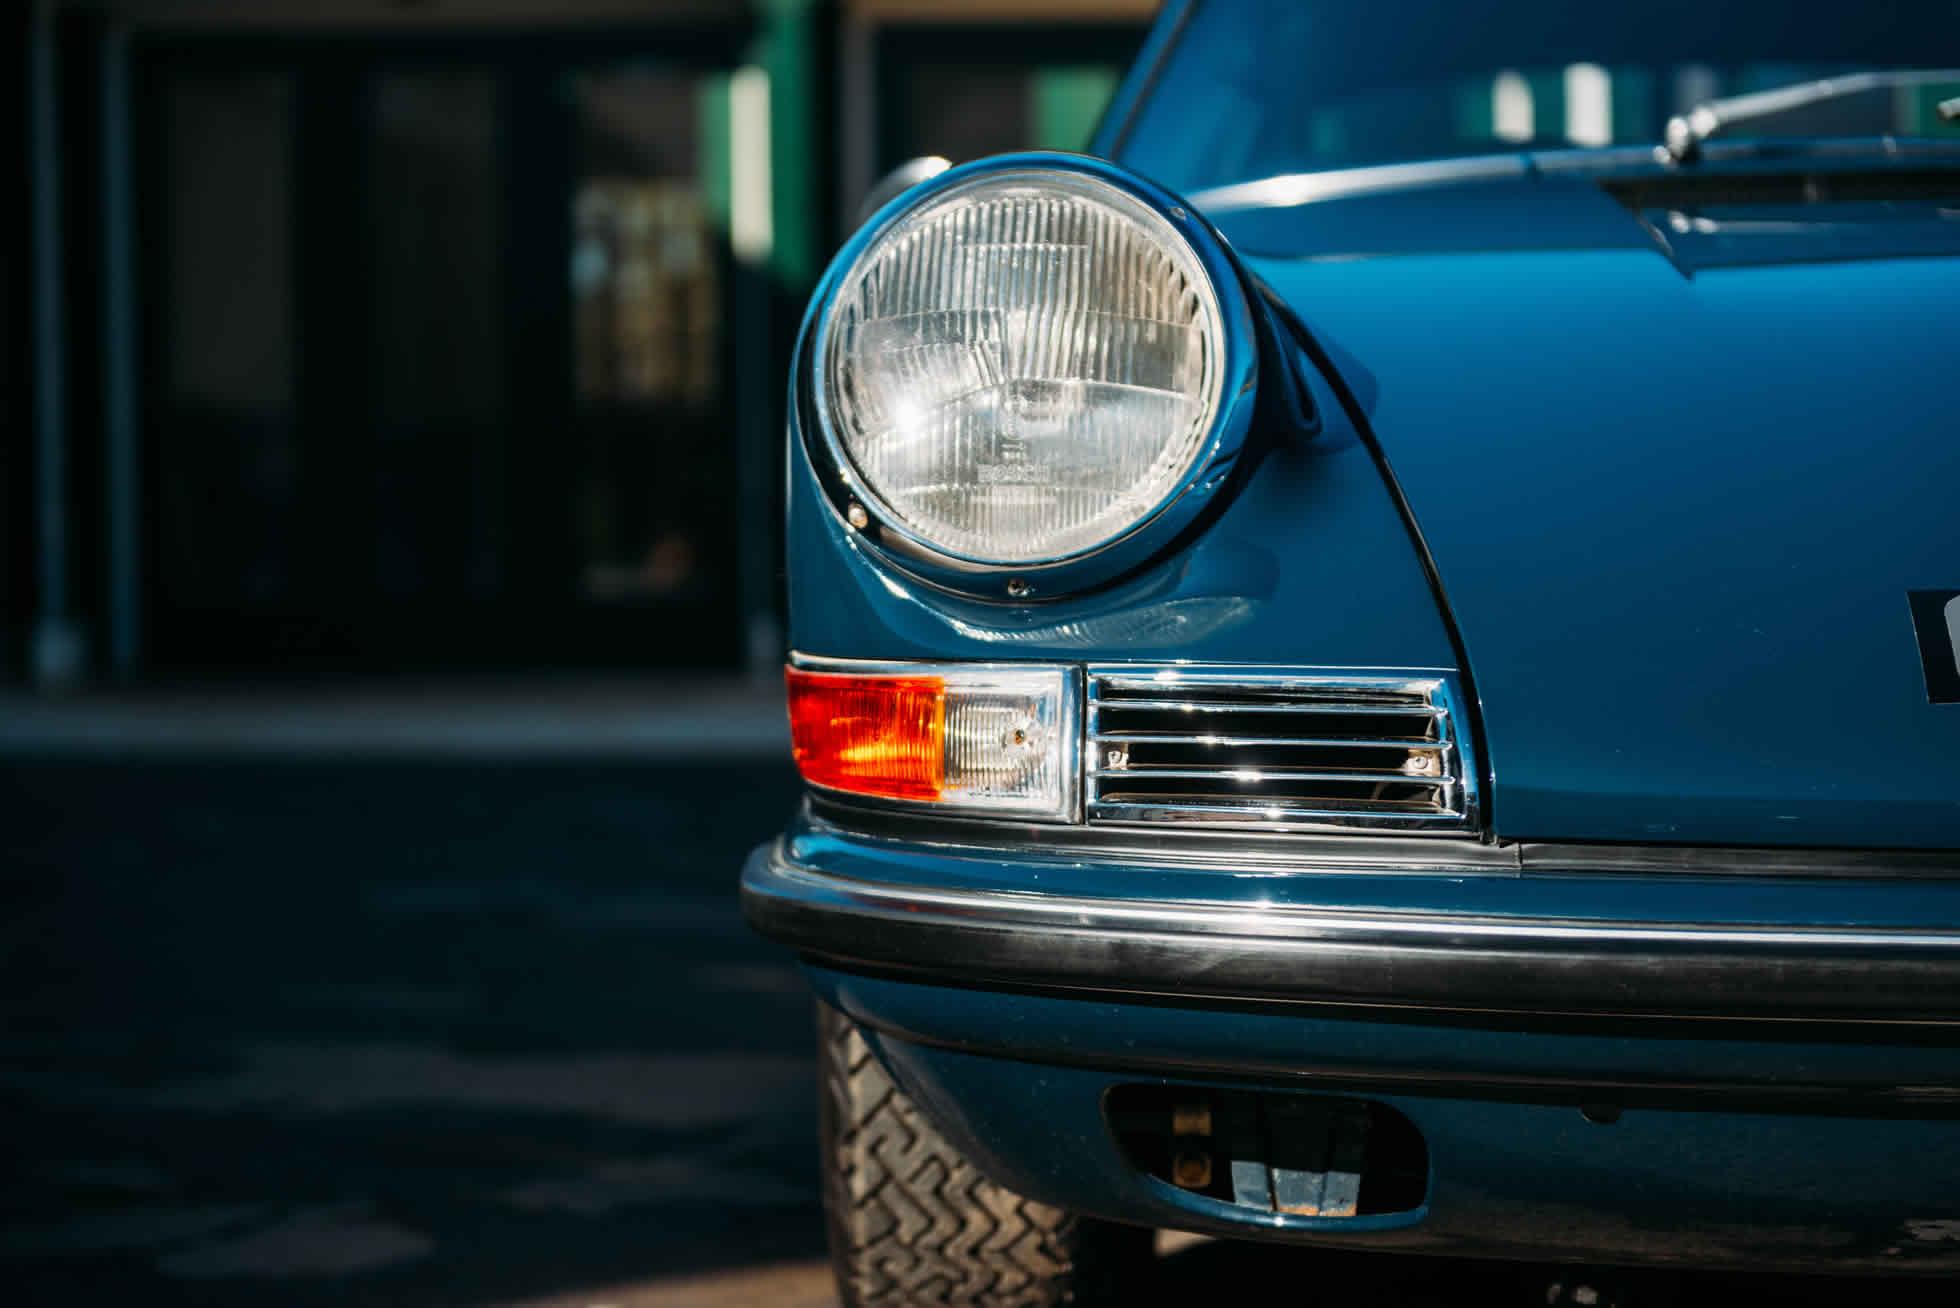 For Sale 1967 Porsche 911 S front lights